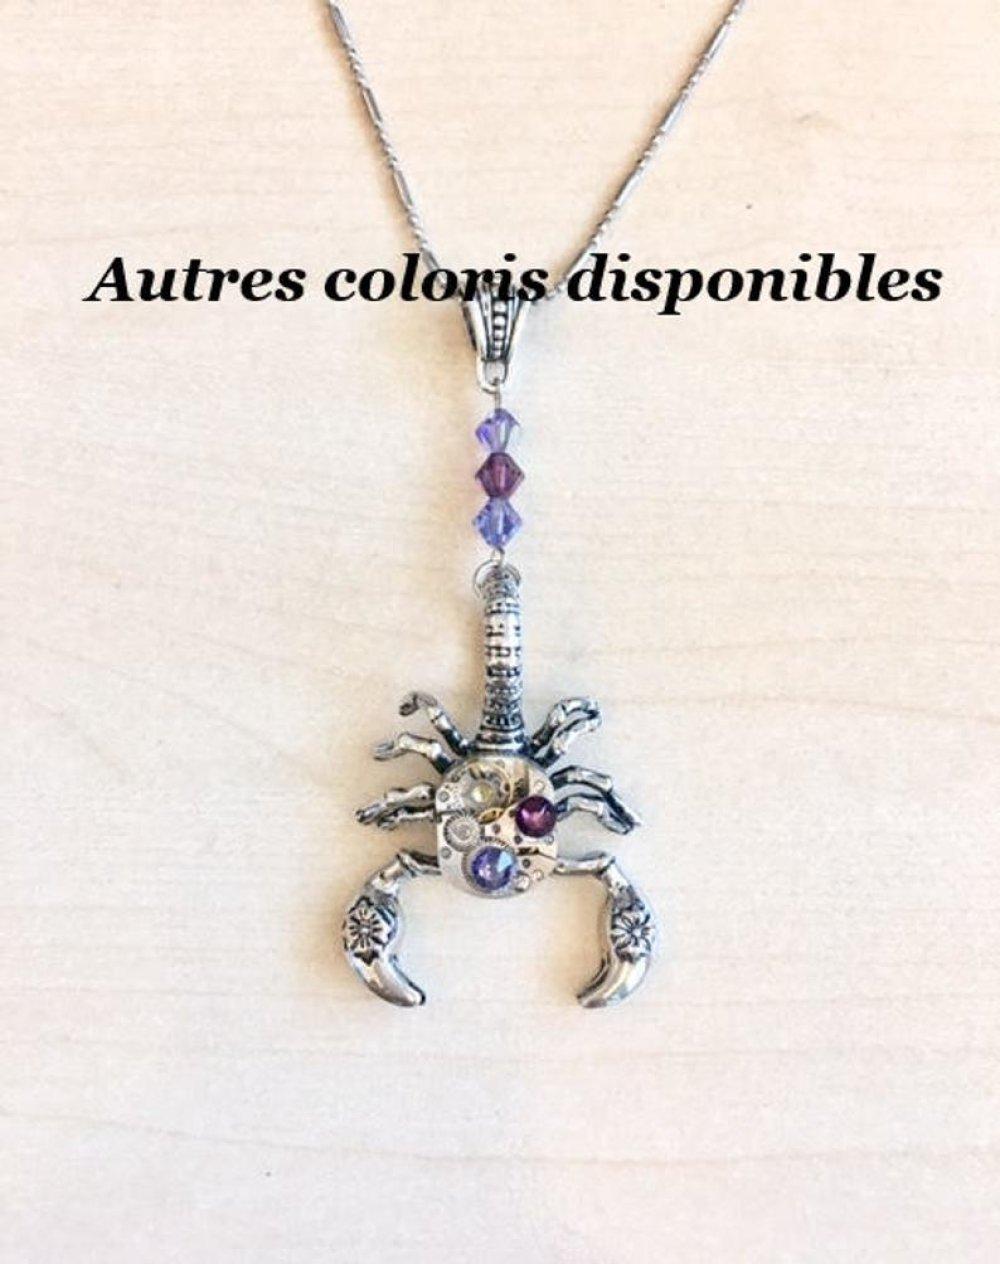 Collier steampunk Le Scorpion avec mécanisme de montre, rouages, engrenages, cristal Swarovski bleu